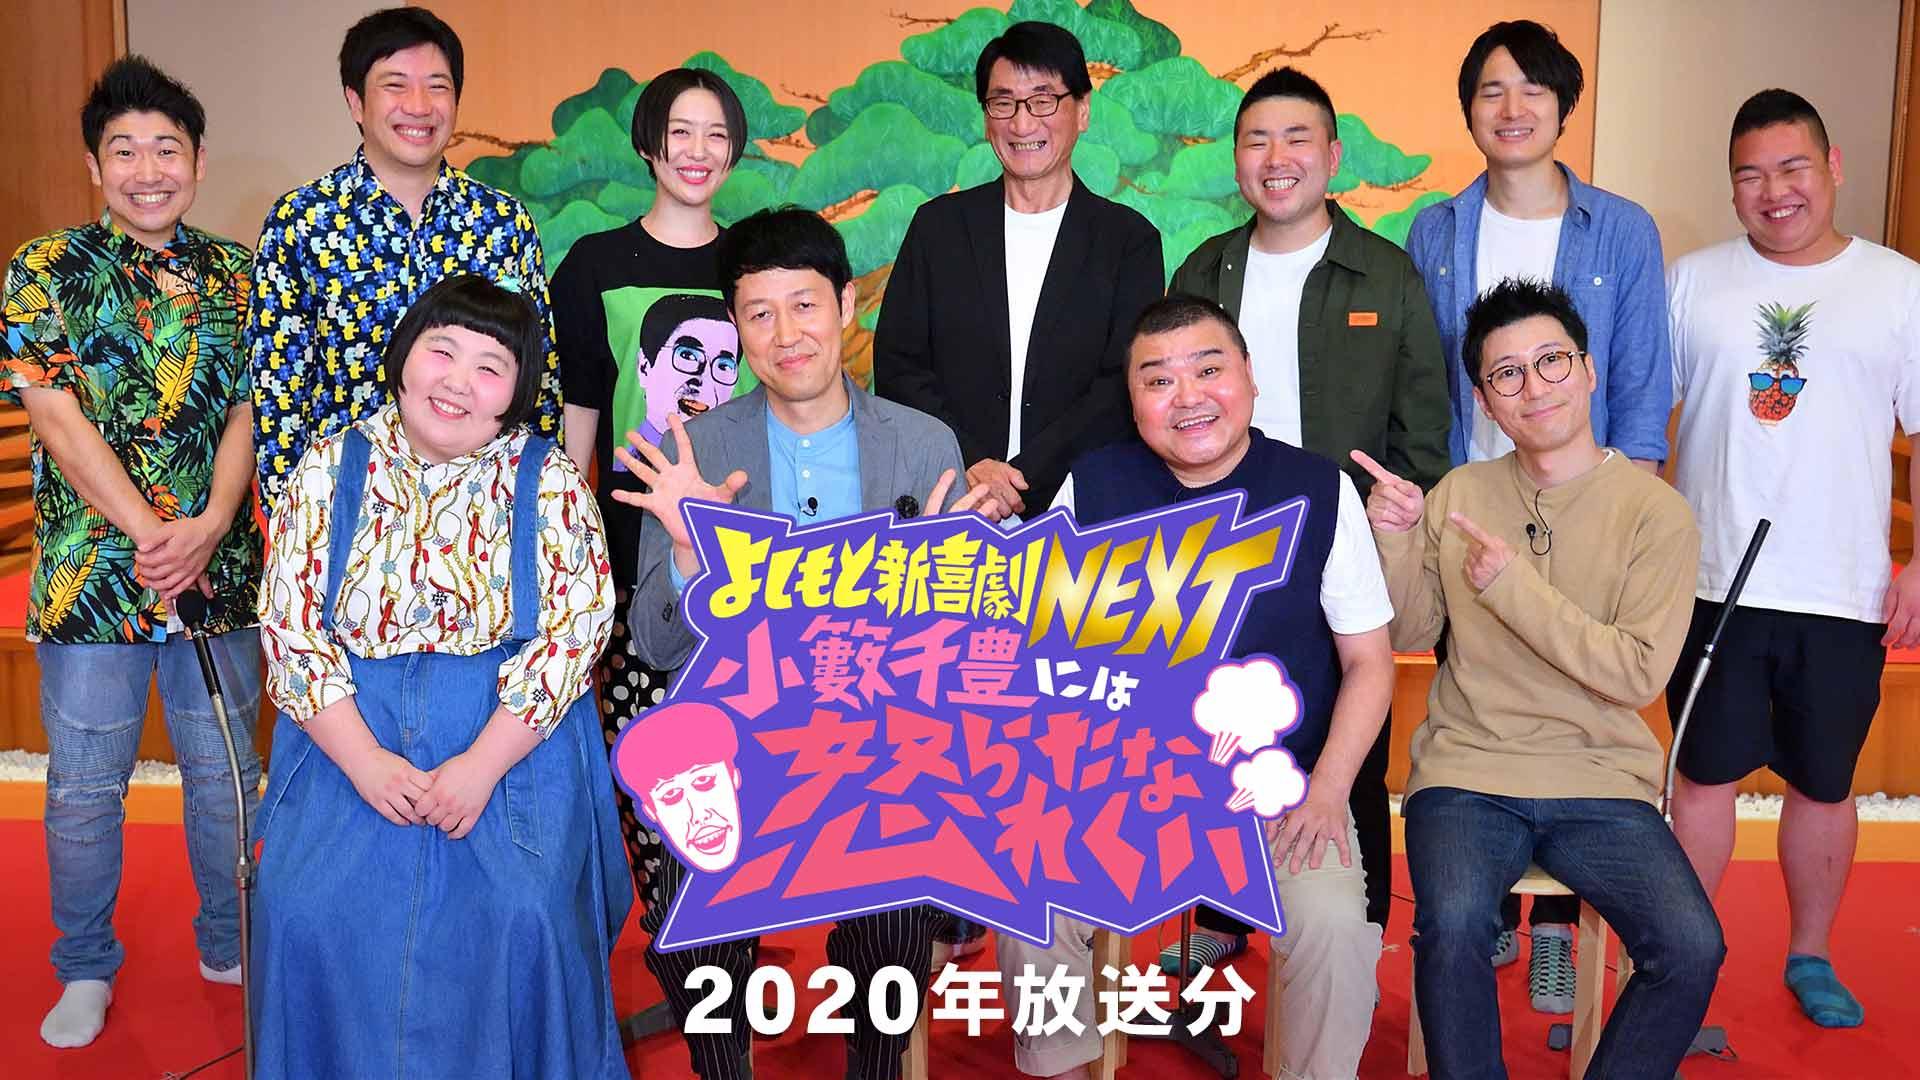 よしもと新喜劇NEXT~小籔千豊には怒られたくない~ 2020年放送分